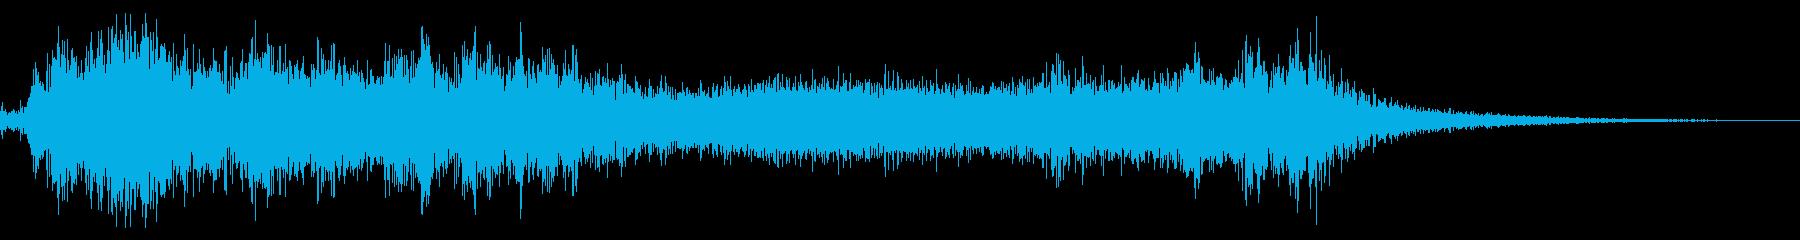 ホラーヴァンパイアデーモンの再生済みの波形